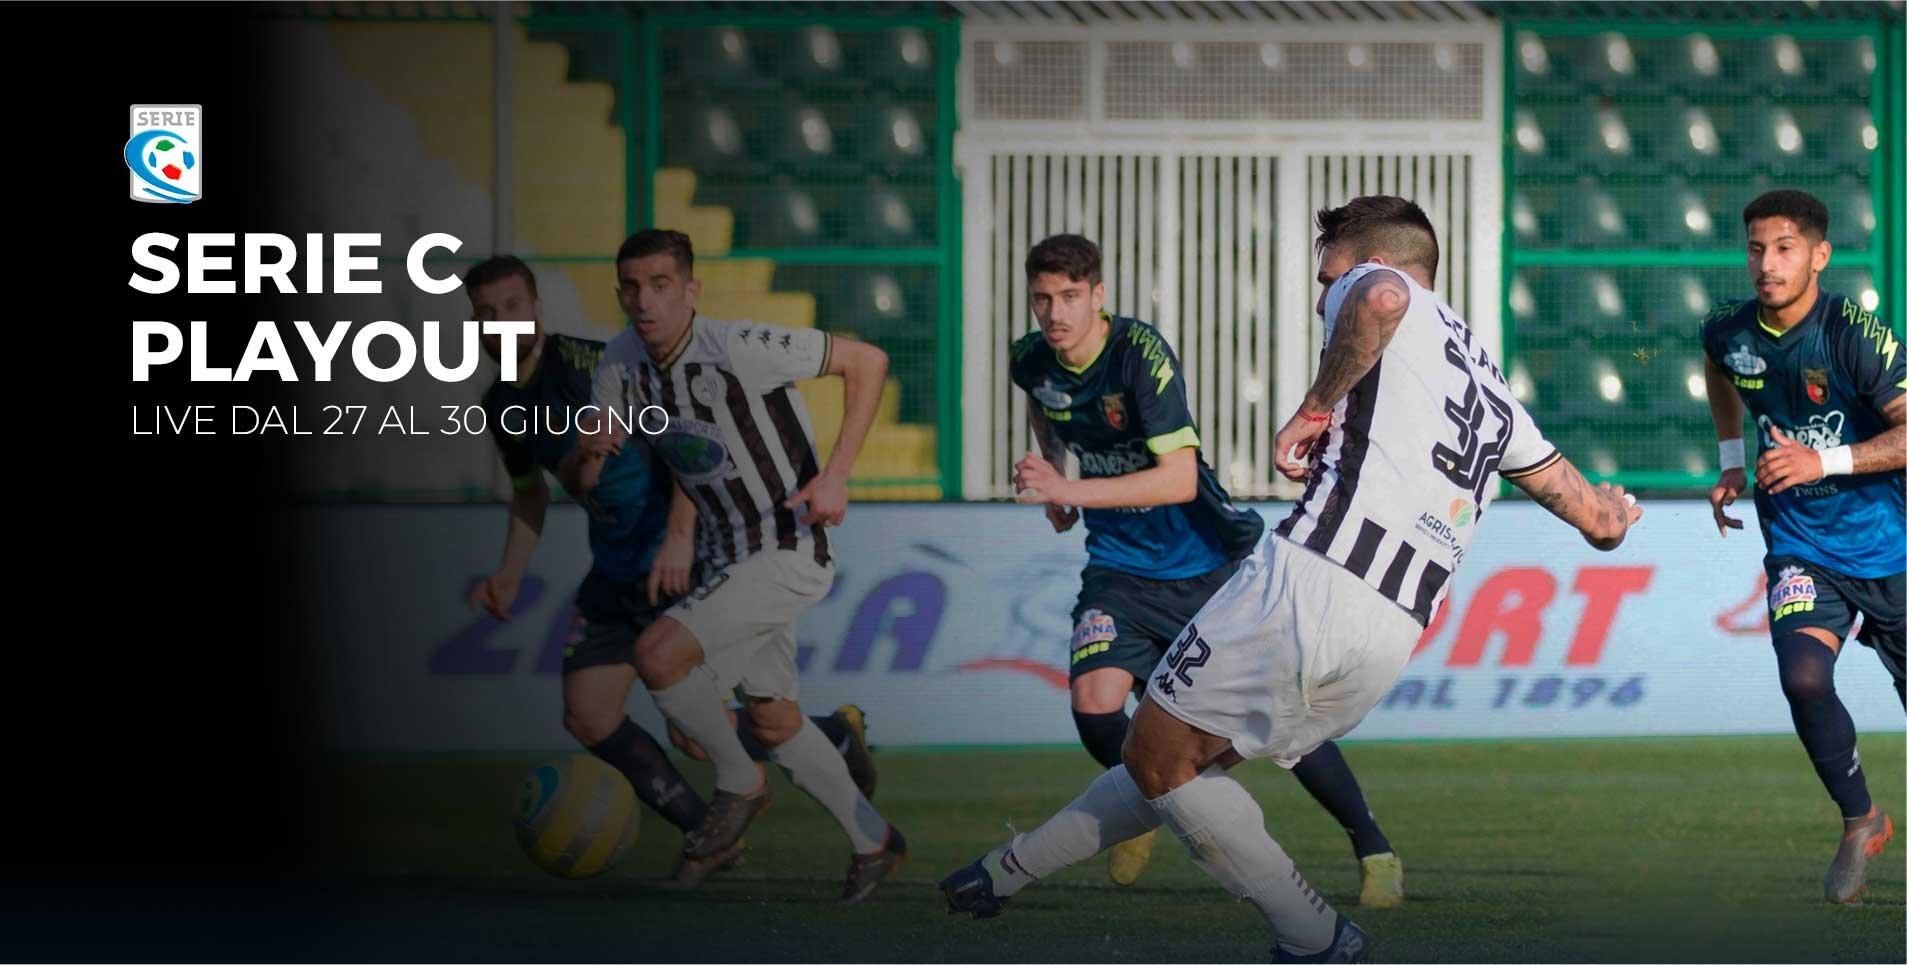 Serie C TV, Playout Andata e Coppa Italia  - Programma e Telecronisti Eleven Sports